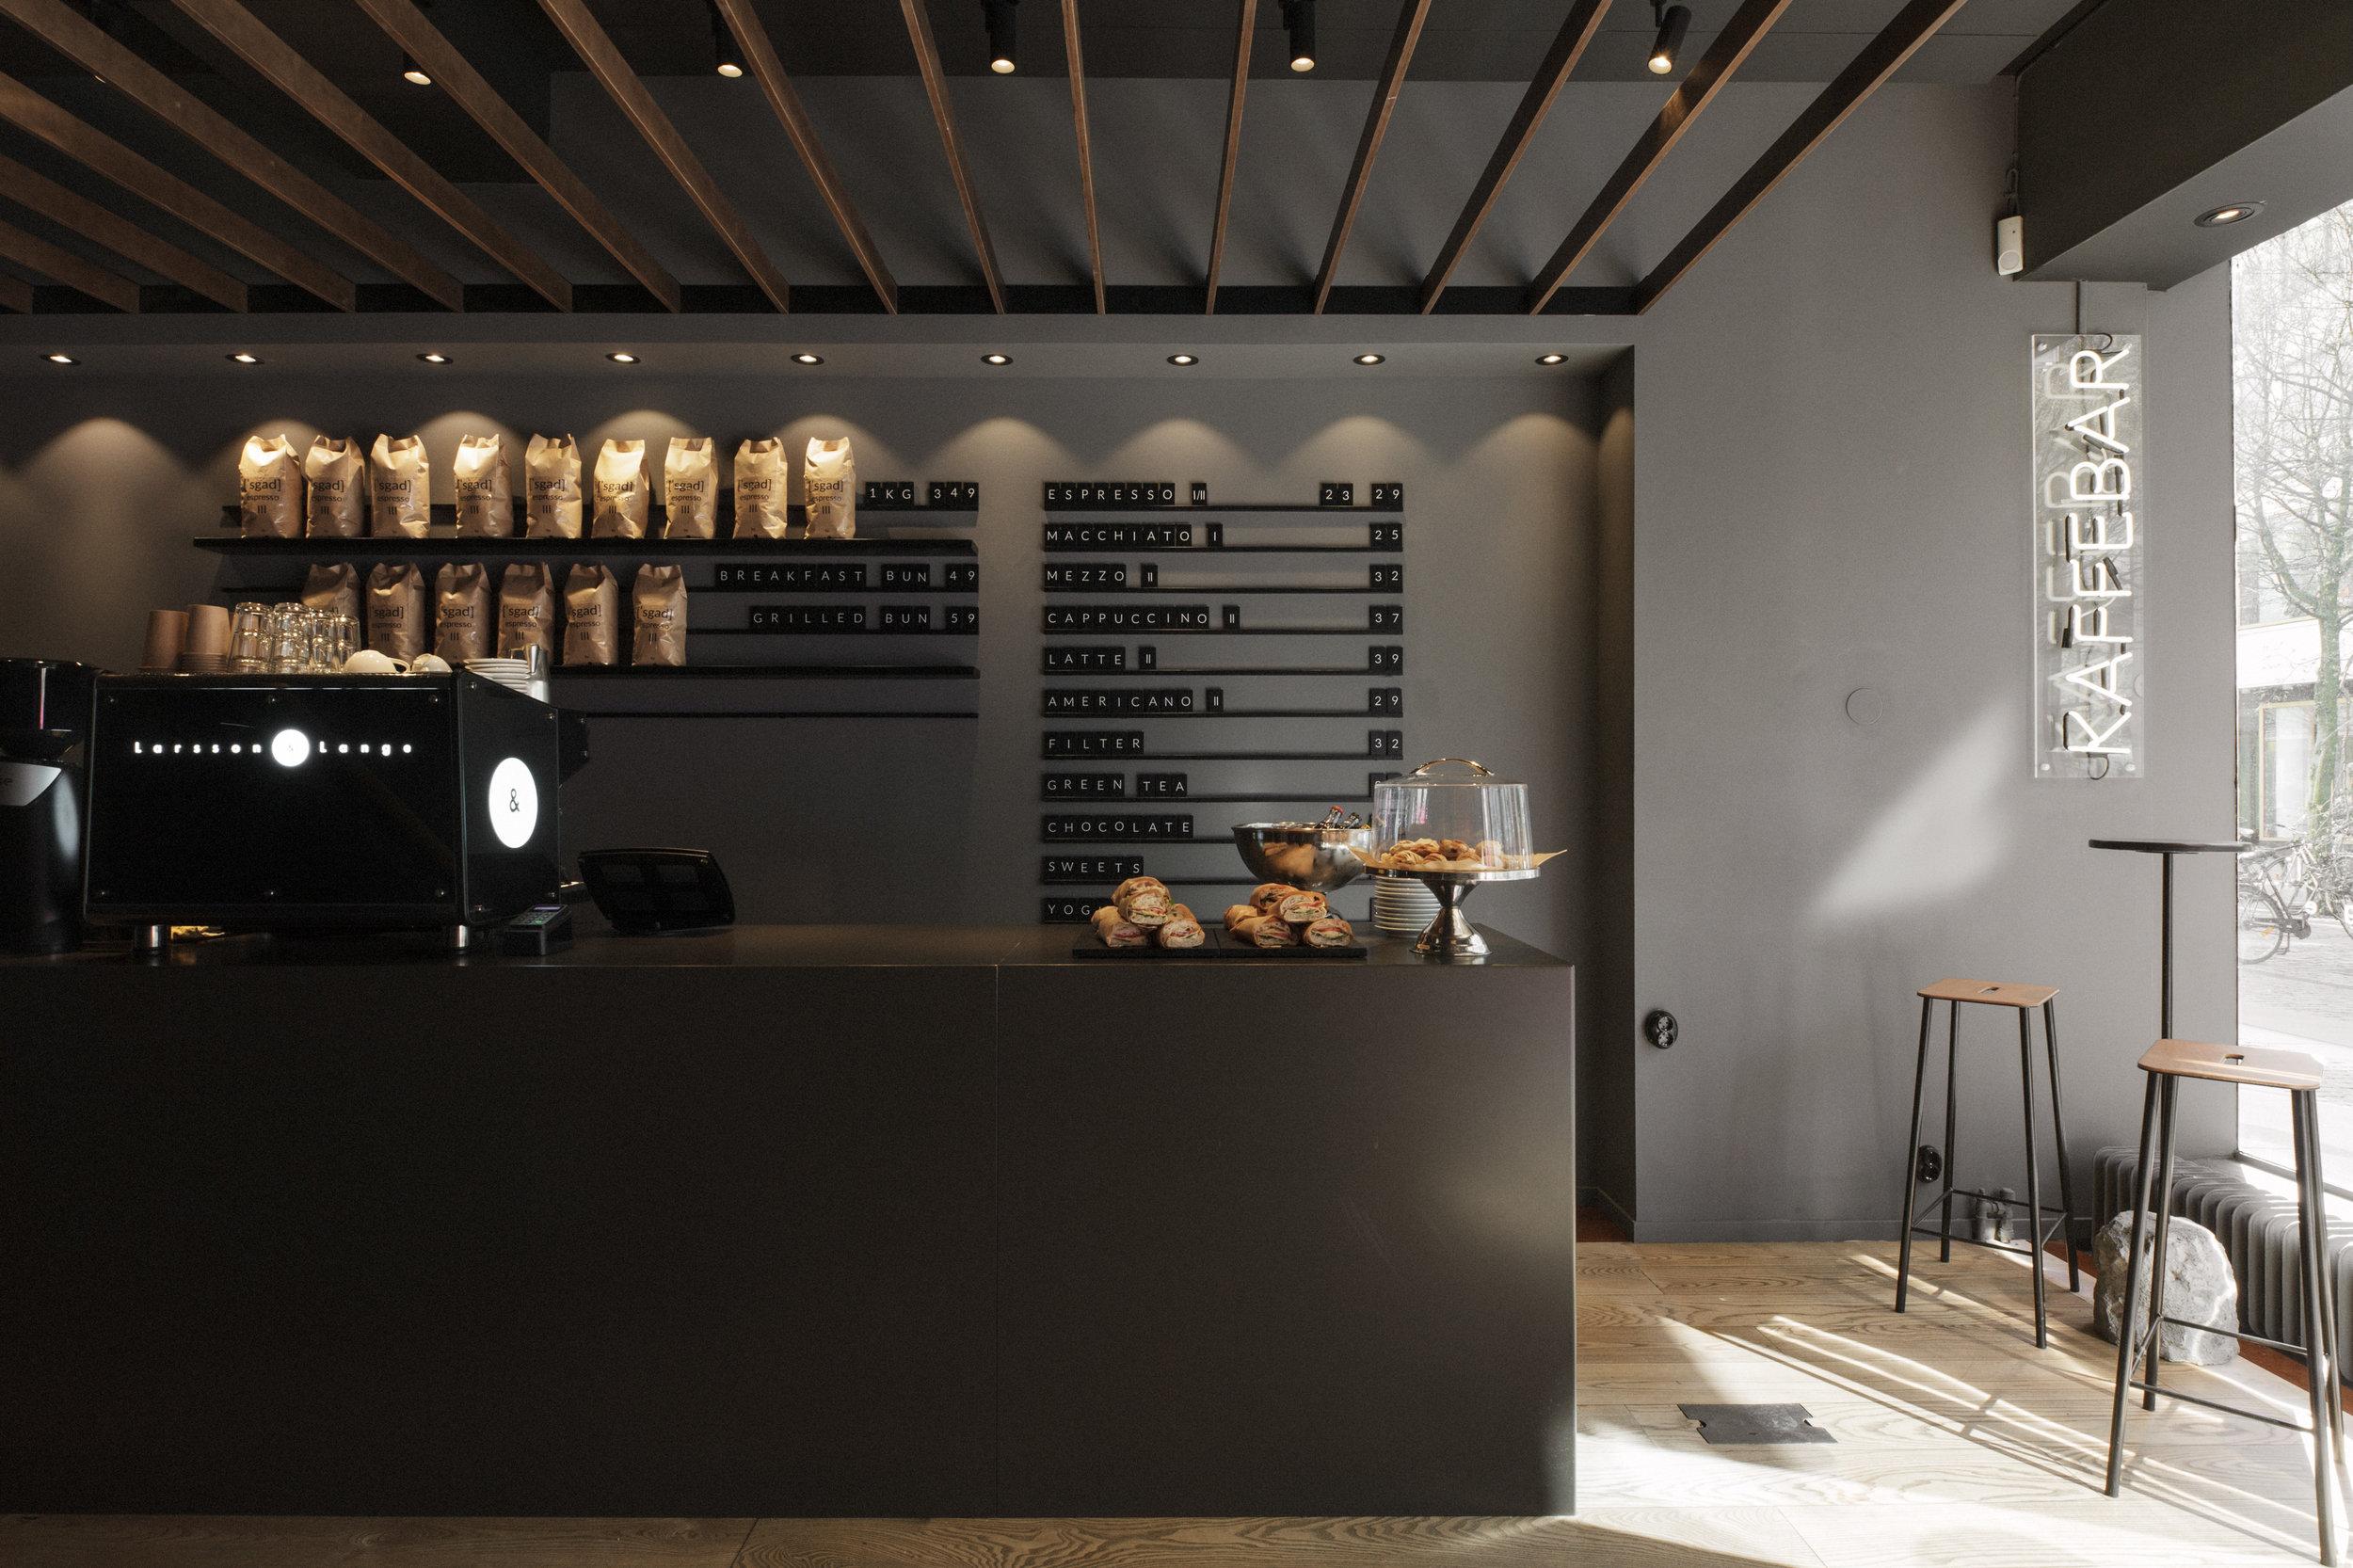 Larsson & Lange Kaffebar